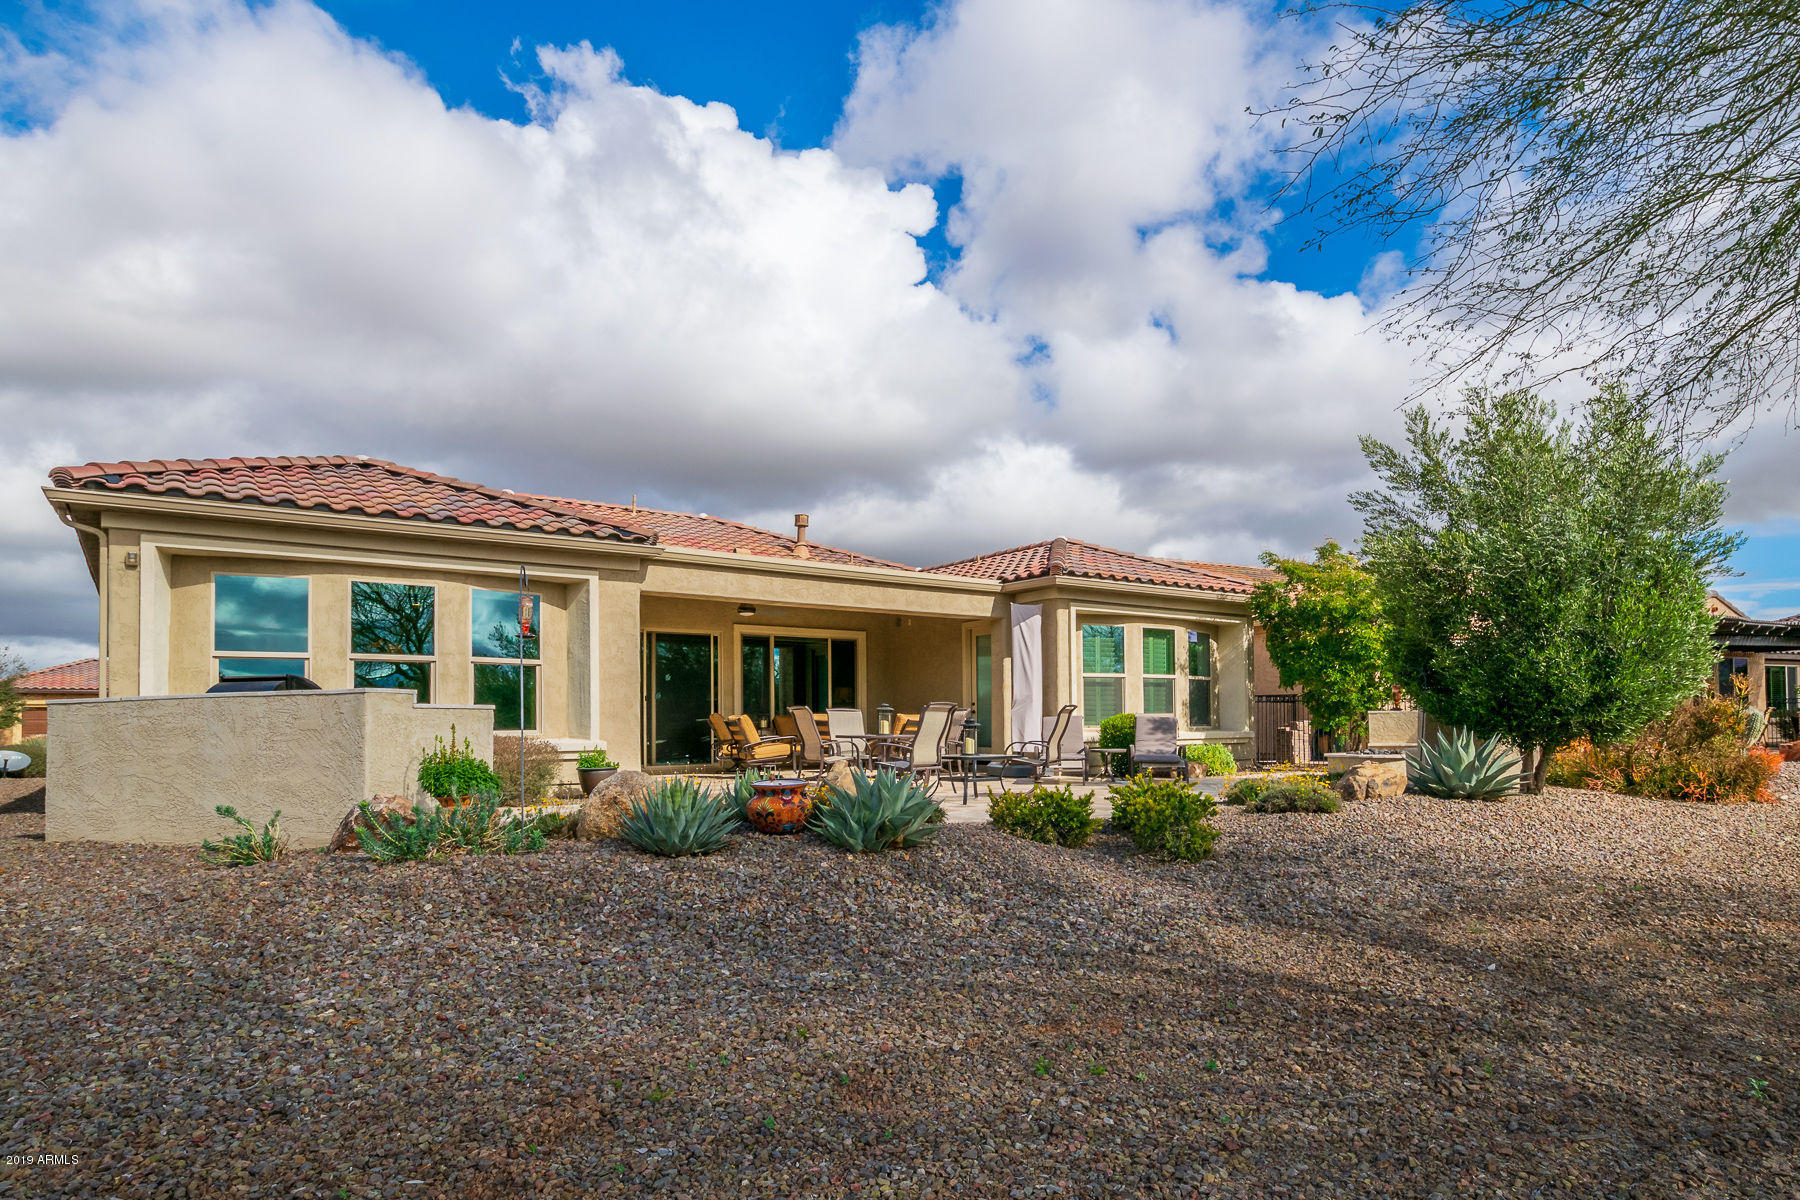 MLS 5879508 26319 W FIREHAWK Drive, Buckeye, AZ 85396 Buckeye AZ Three Bedroom